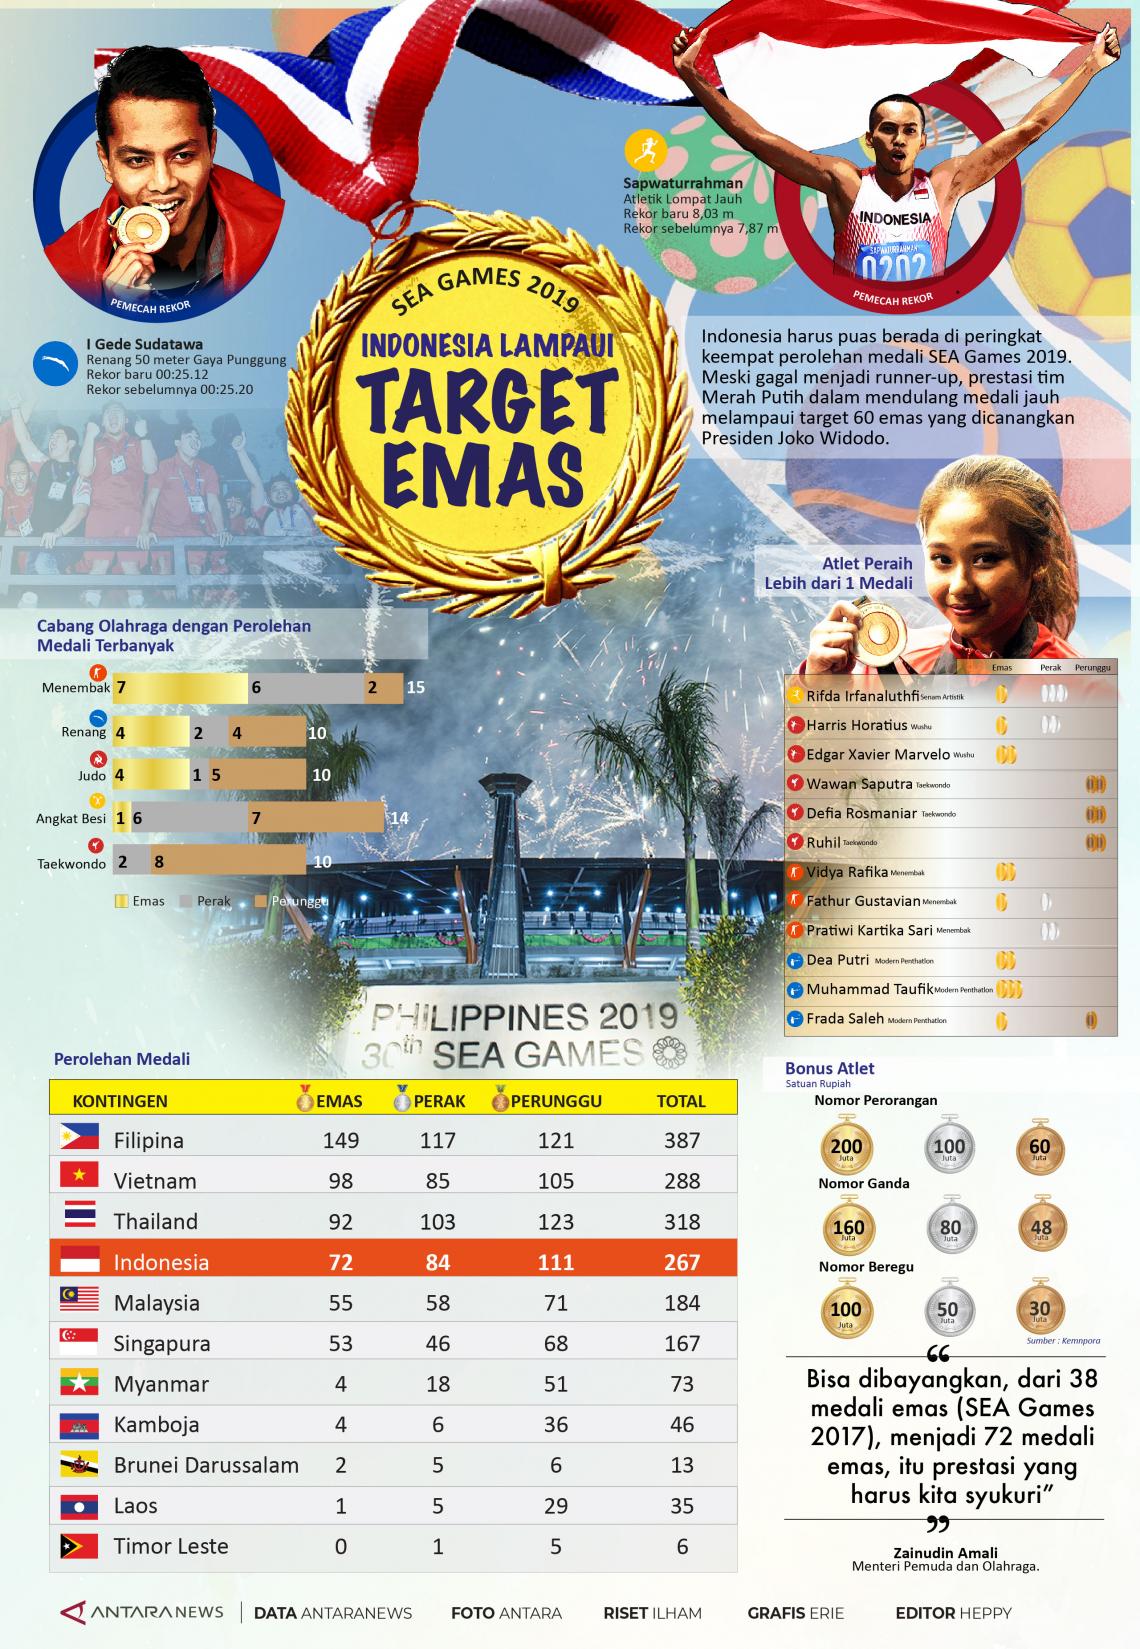 SEA Games 2019, Indonesia lampaui target emas